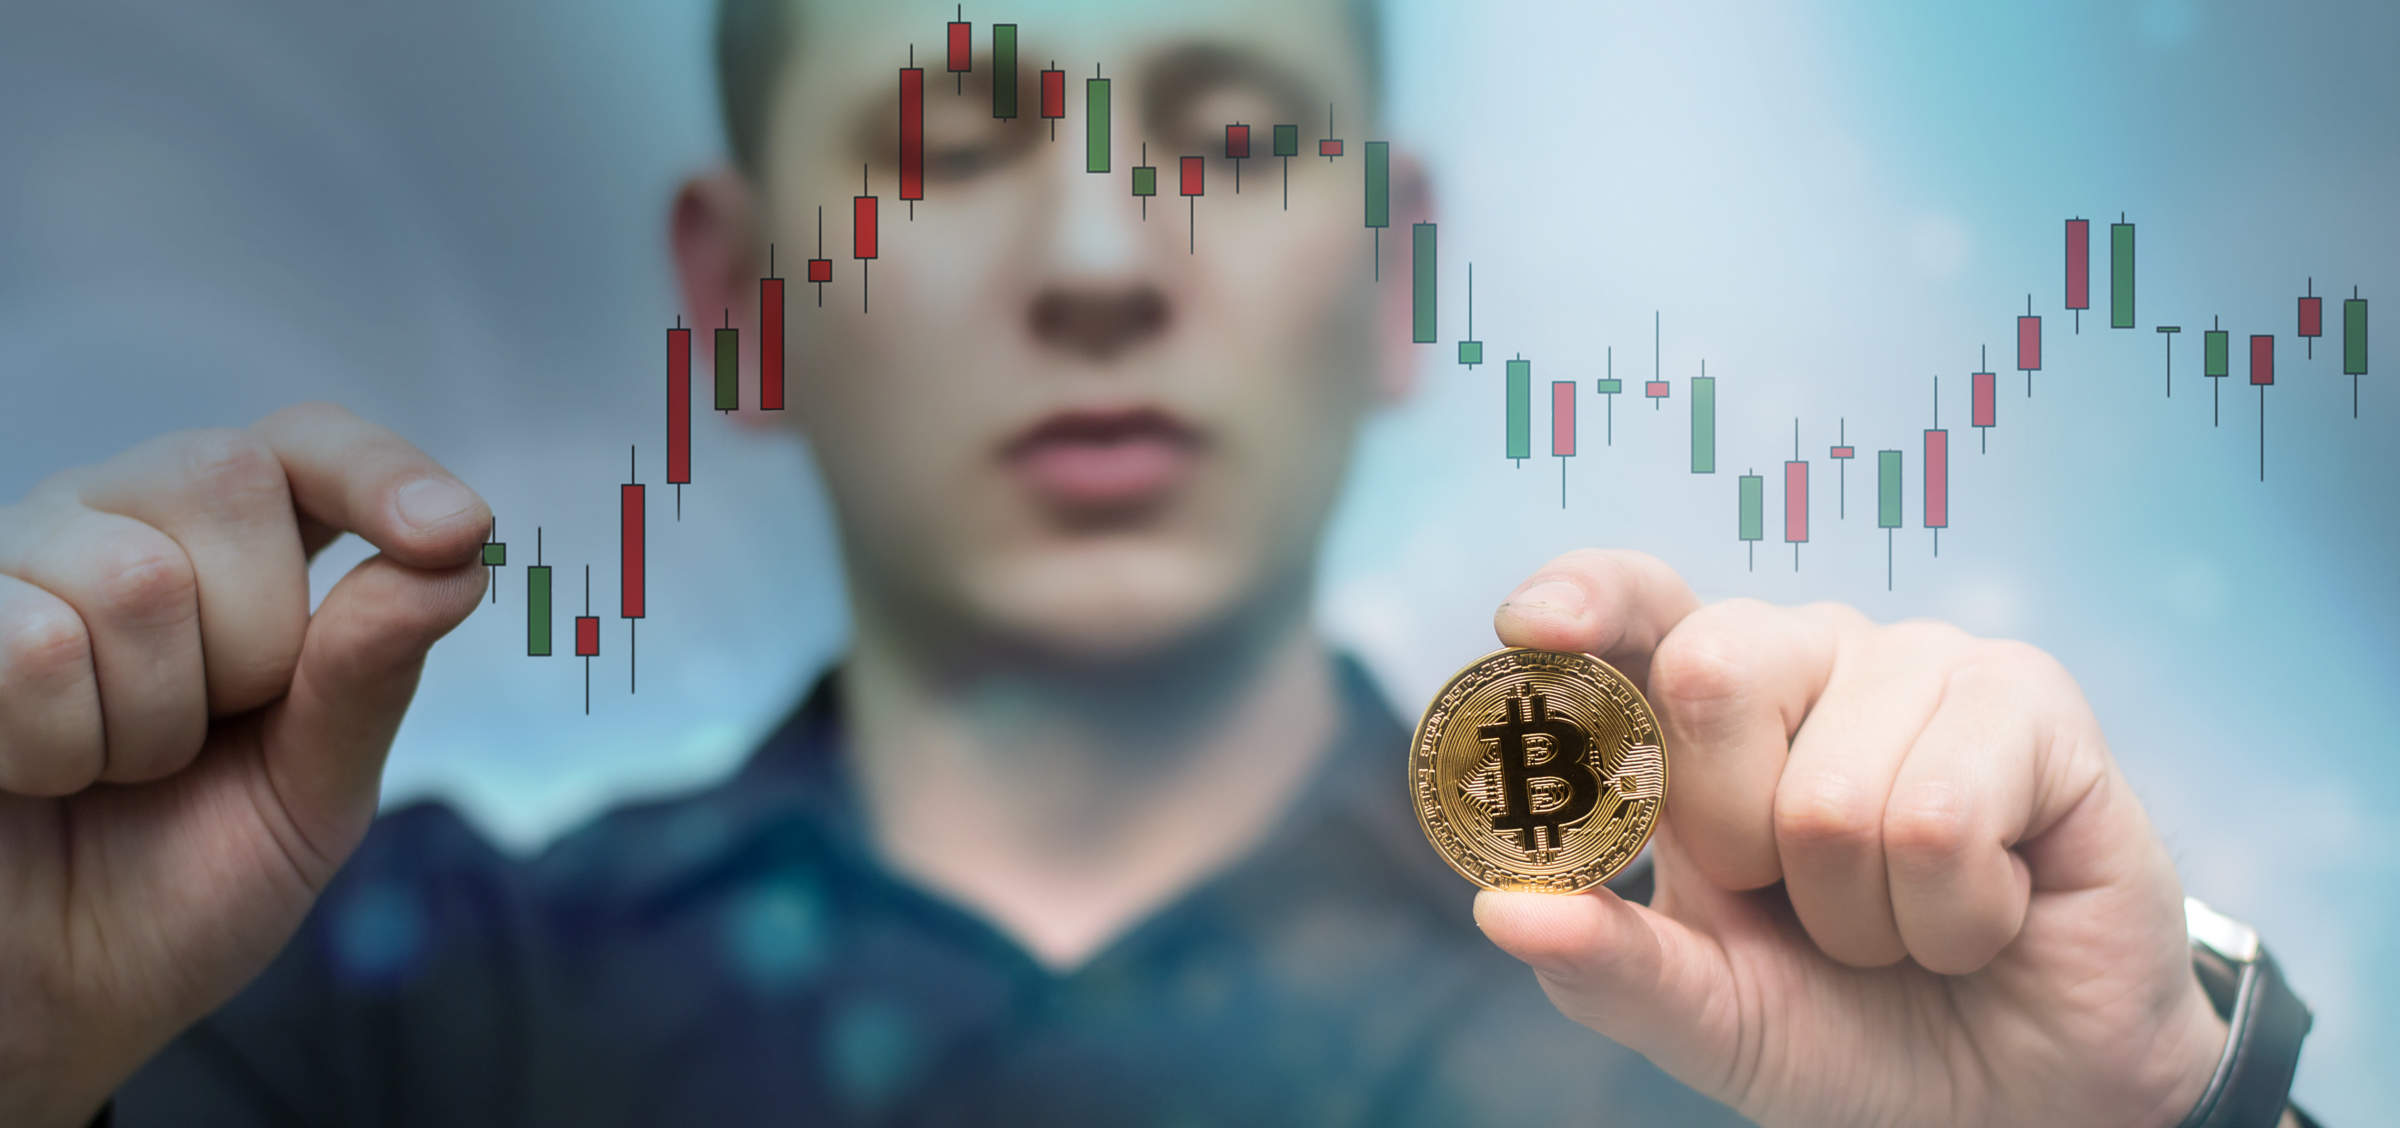 análise gráfica do preço do bitcoin